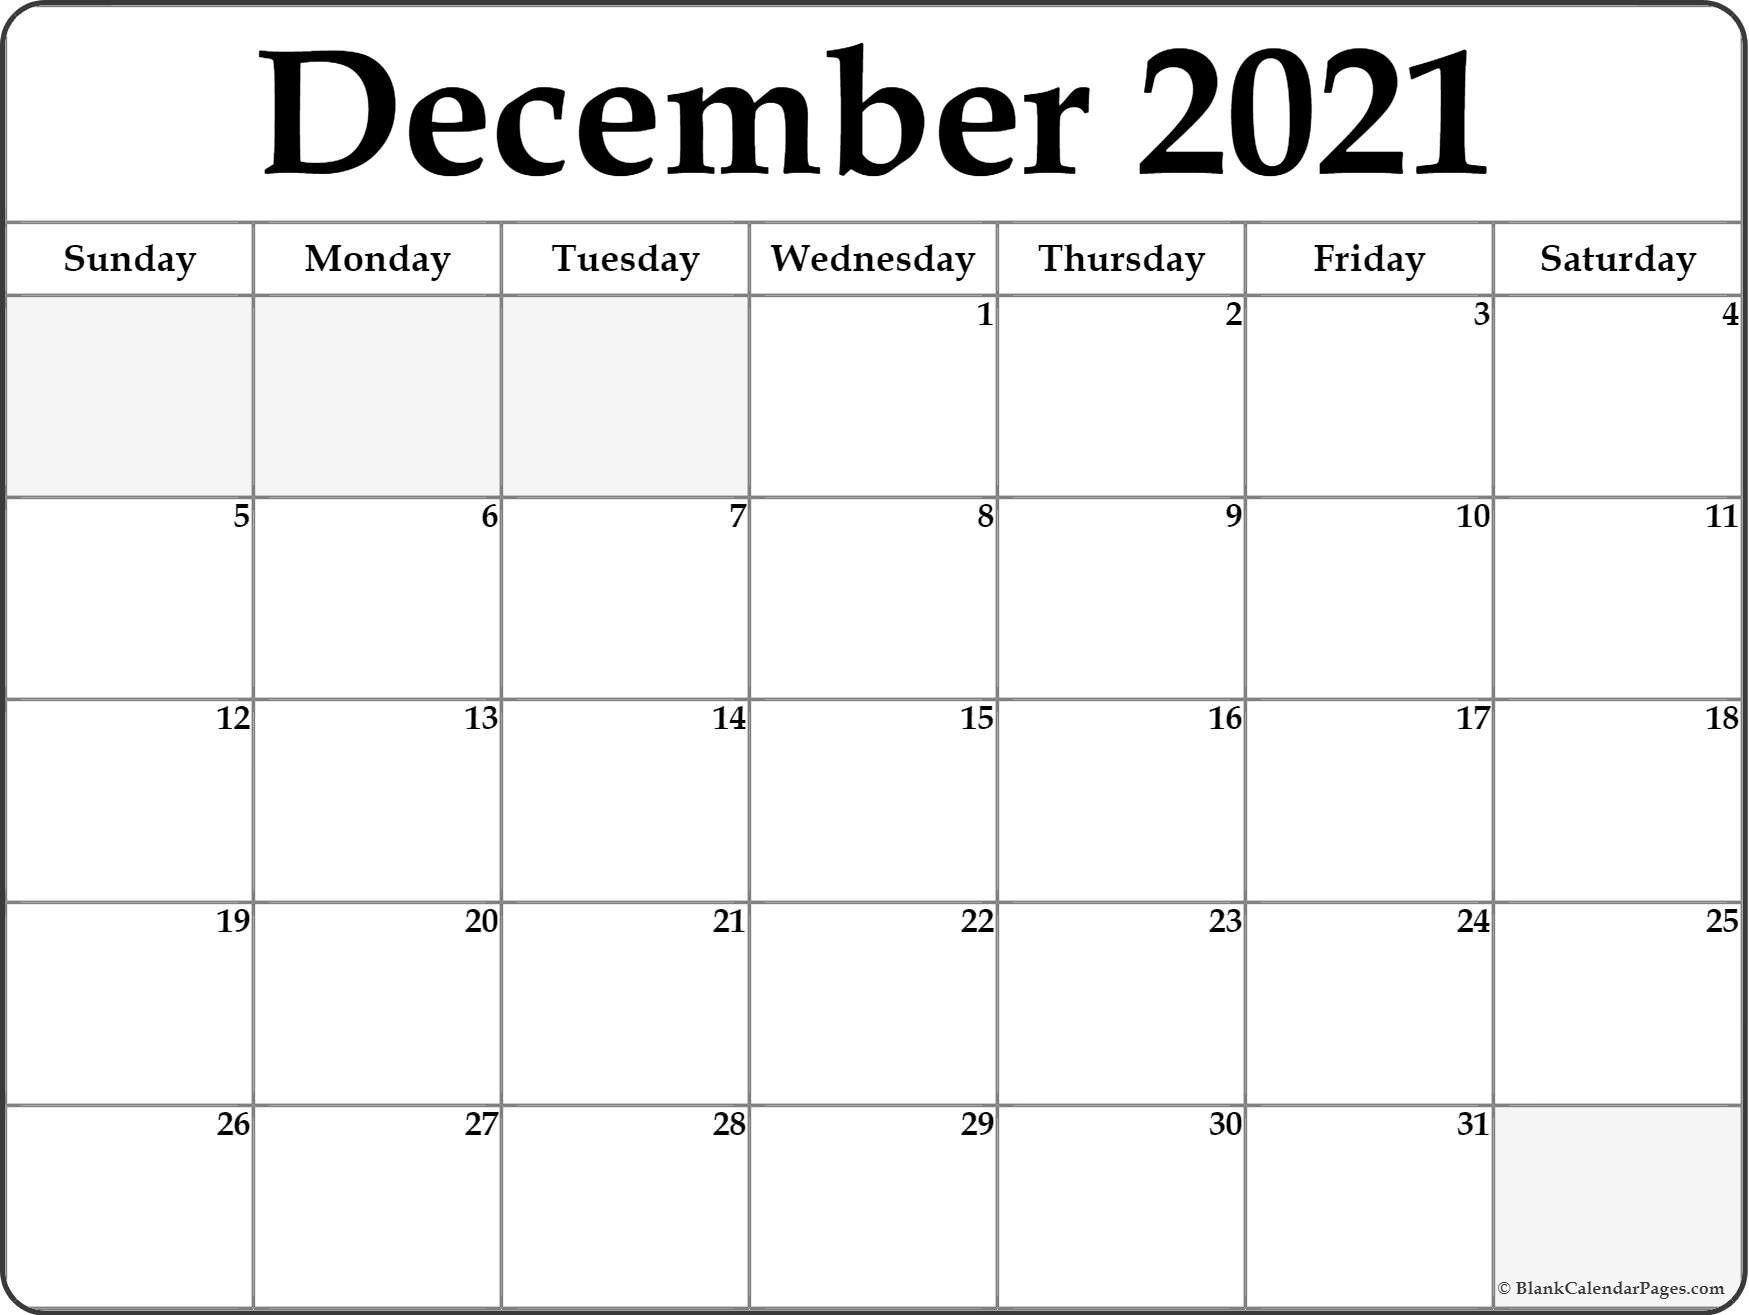 Pick Fill In December 2021 Calendar